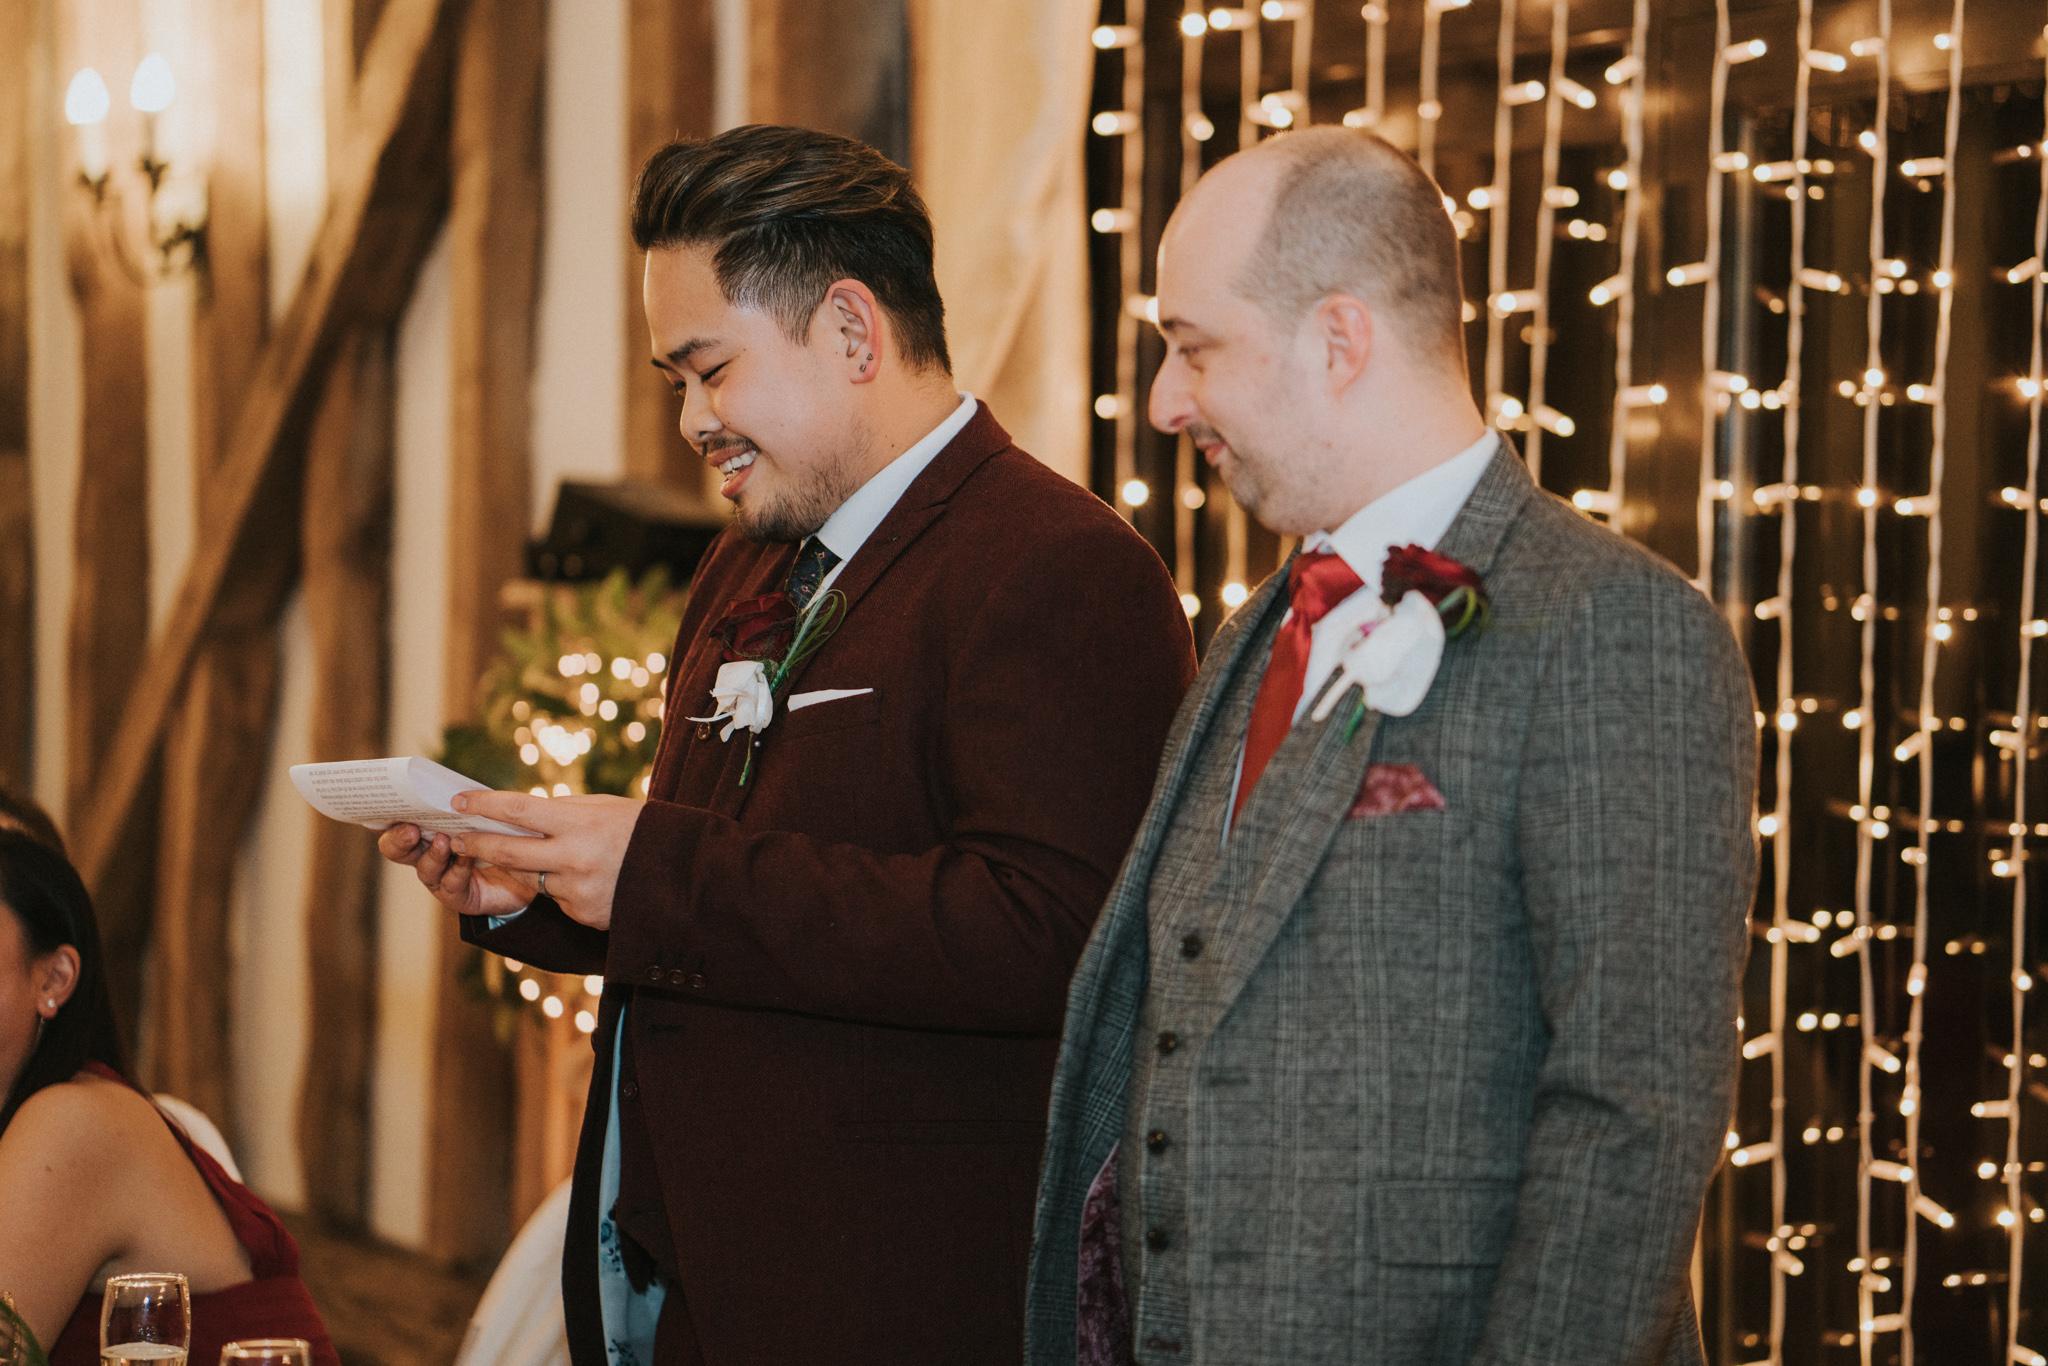 mark-laurence-crondon-park-same-sex-wedding-grace-elizabeth-colchester-essex-alternative-wedding-photographer-suffolk-norfolk-devon (23 of 33).jpg